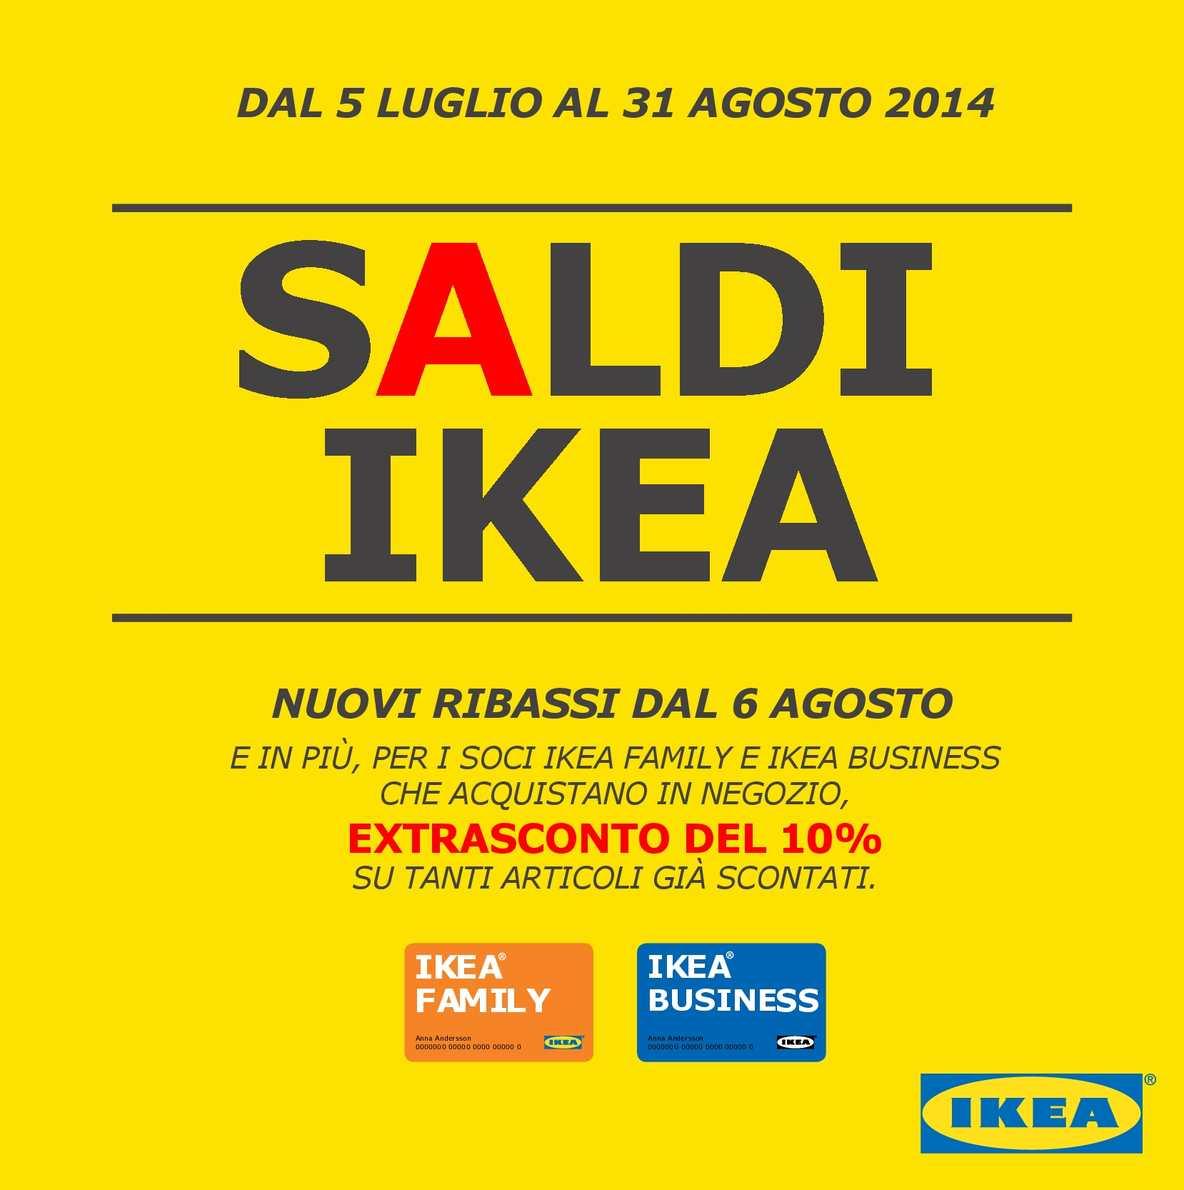 Calaméo Volantino Ikea Milano 5lug 31ago